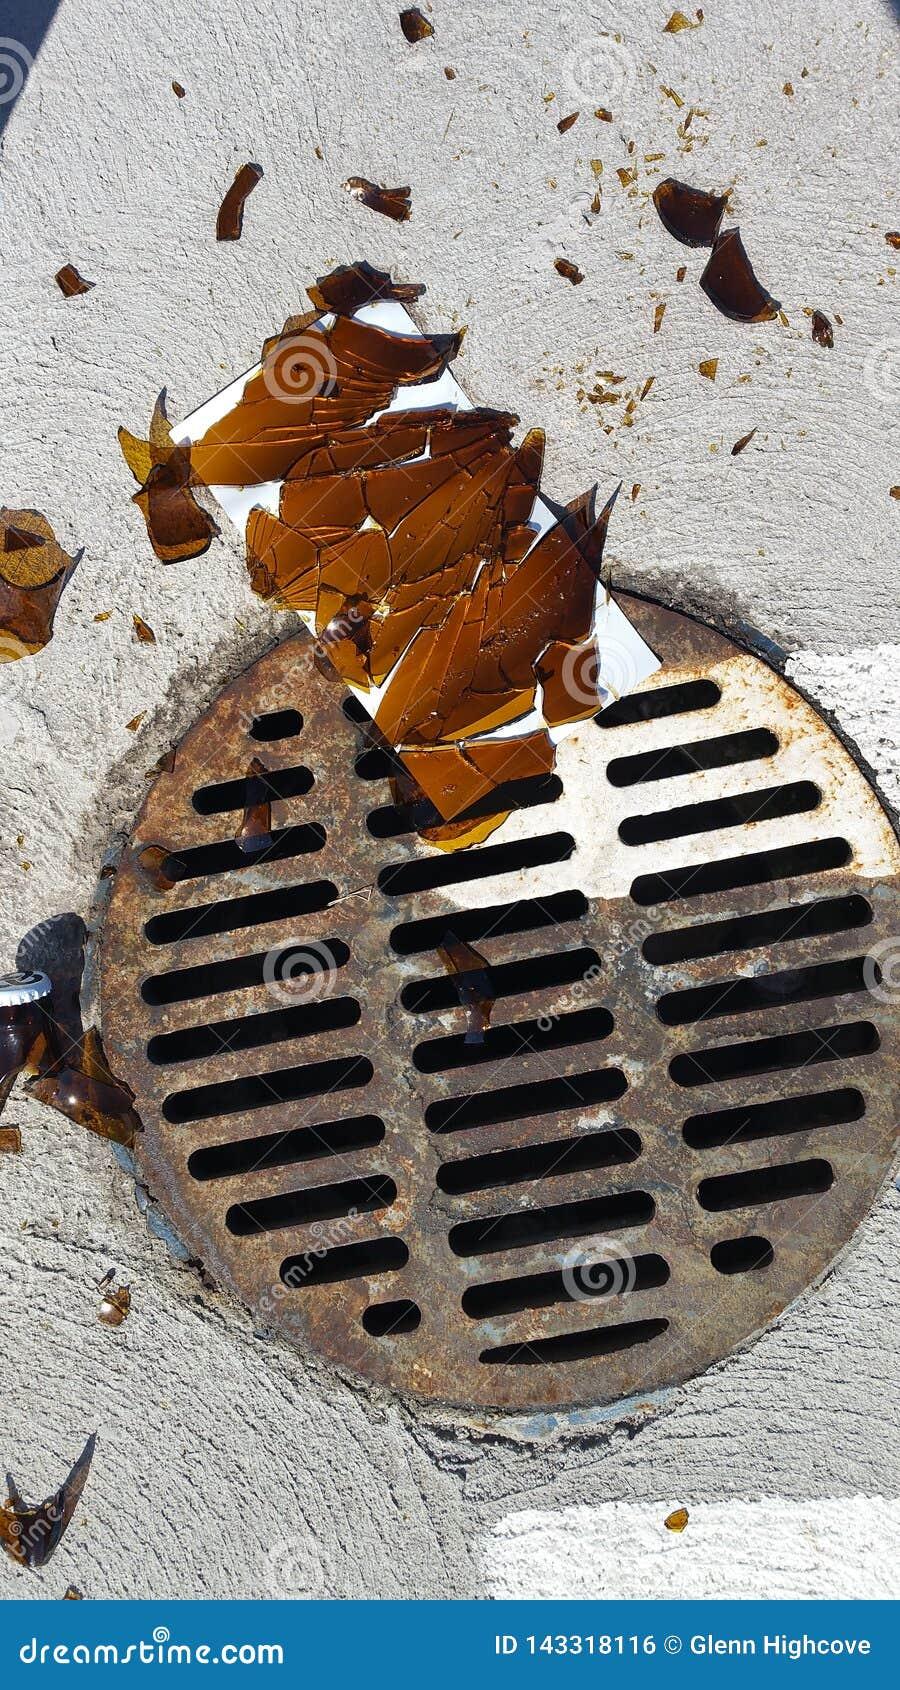 Острое сломленное бутылочное стекло ржавым стоком шторма в парковке